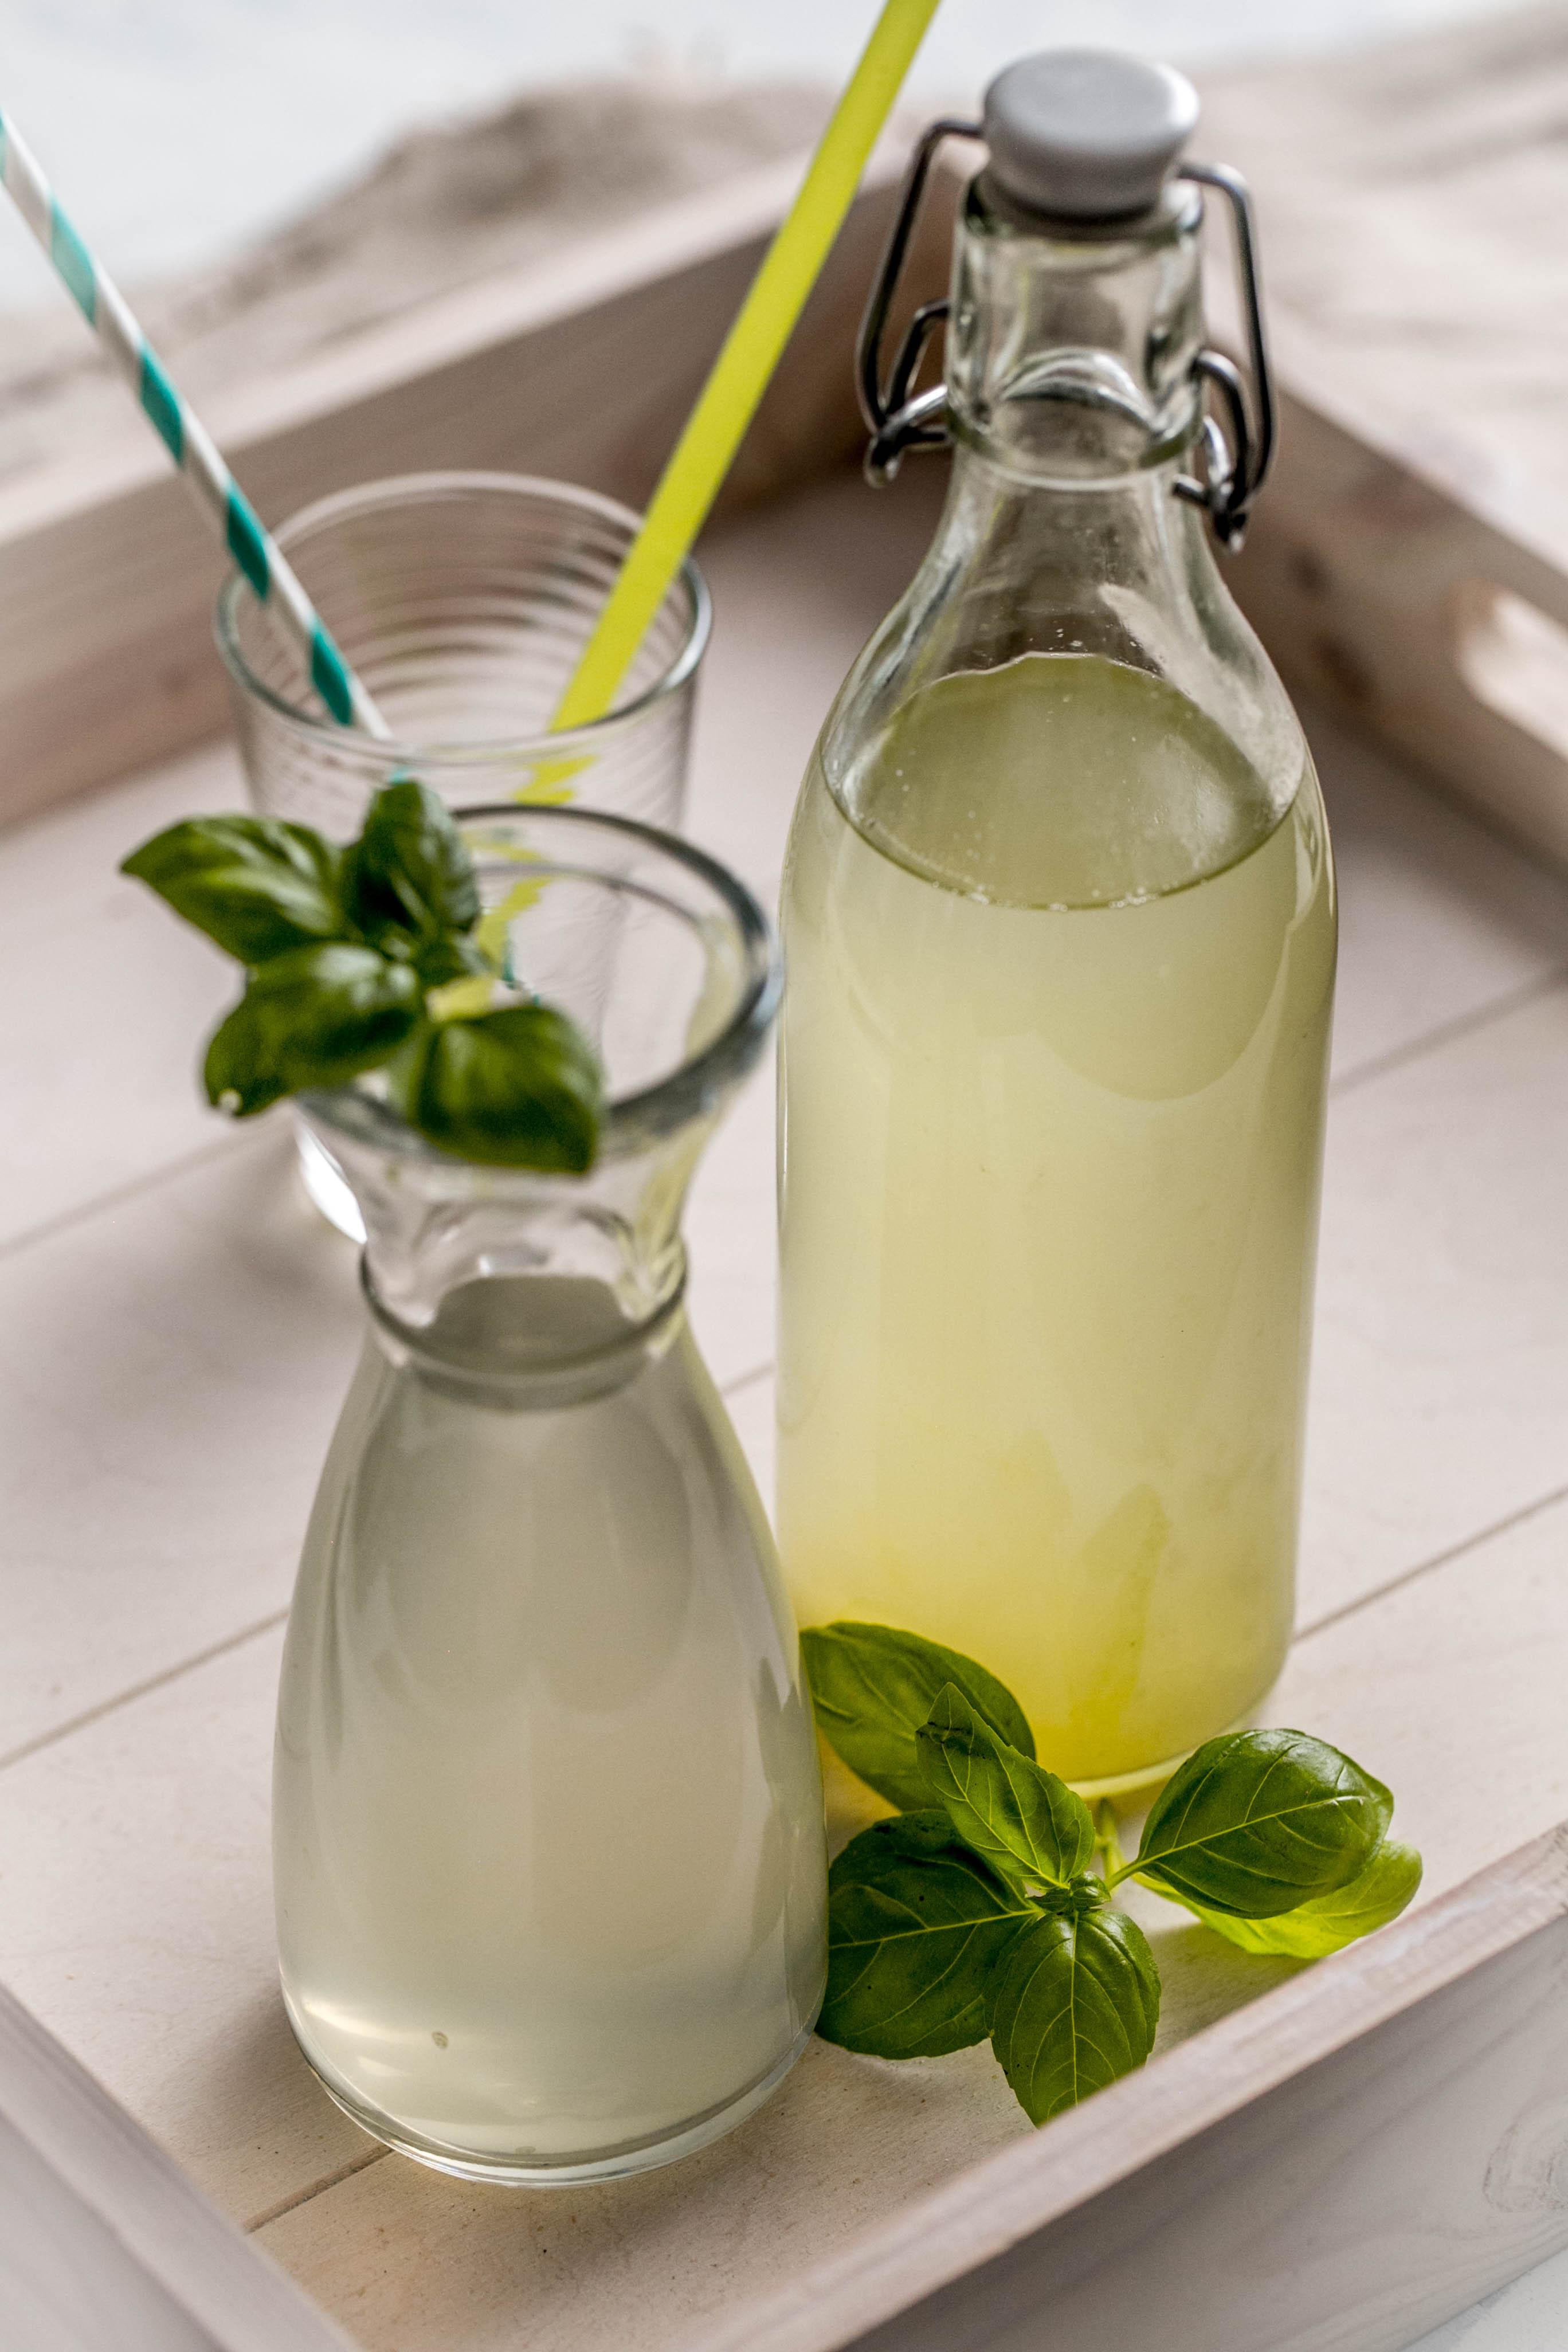 Basilikum-Gurken-Sirup aus dem Thermomix®